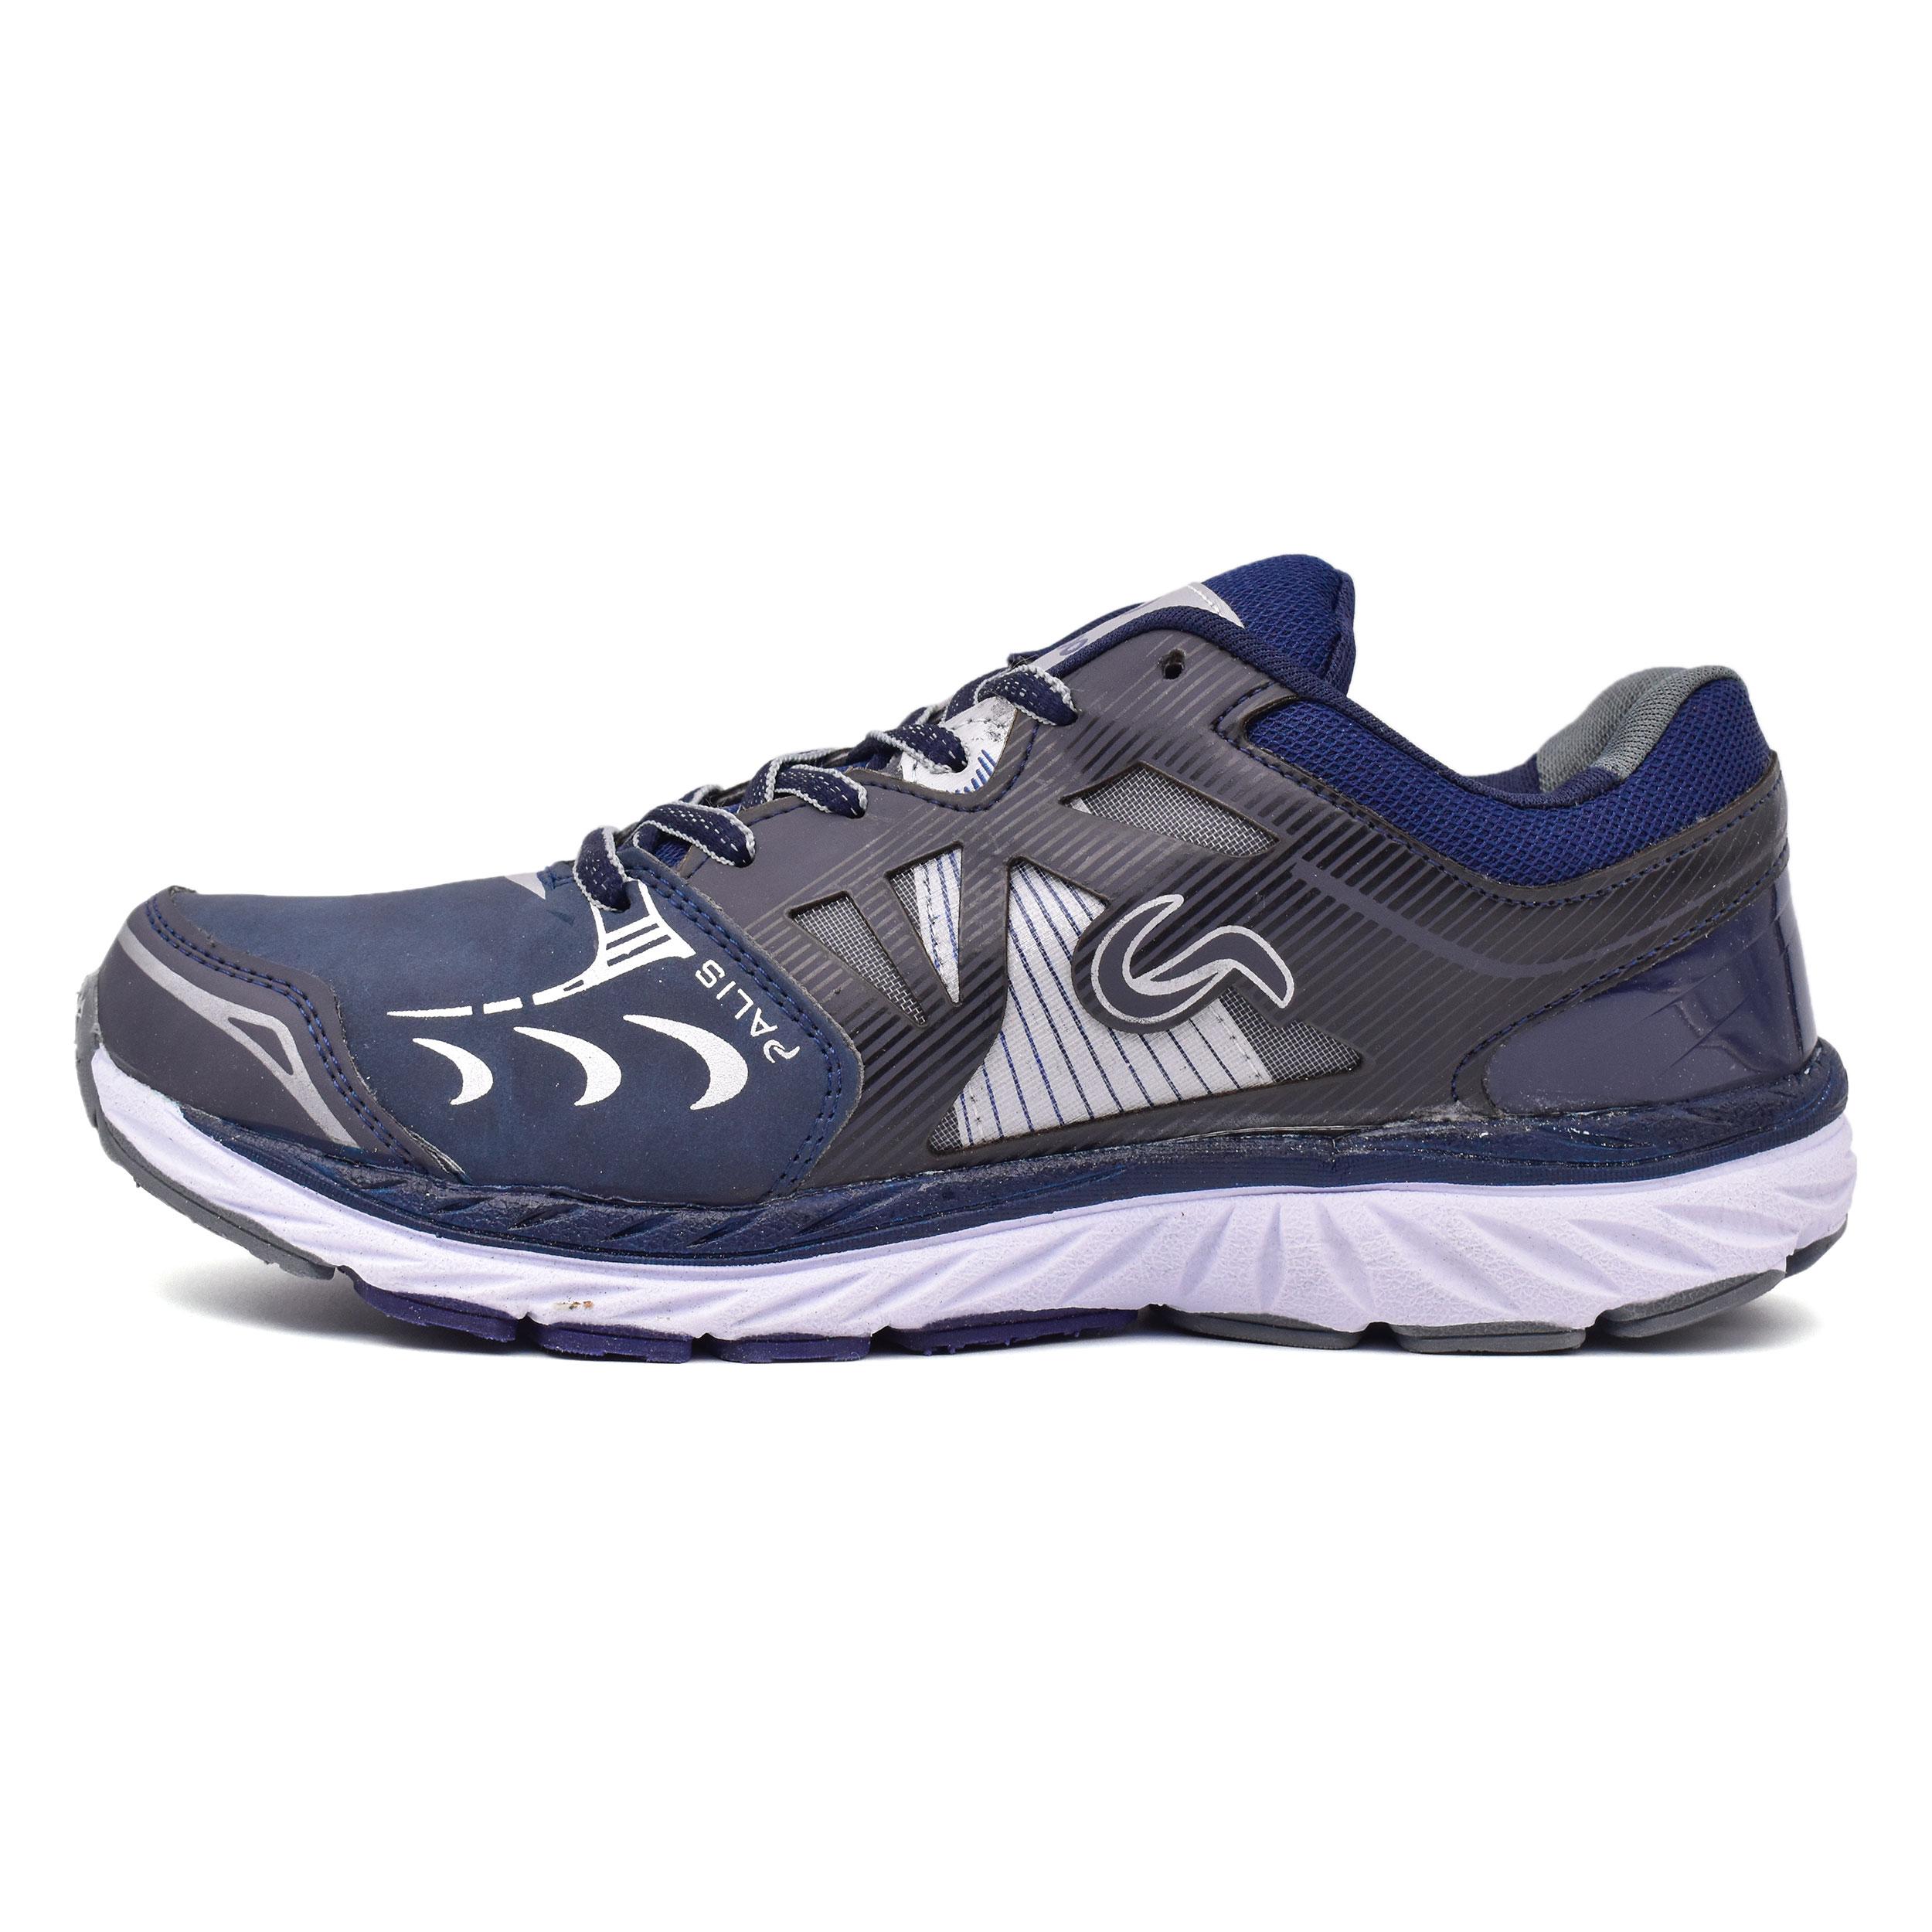 کفش مخصوص پیاده روی مردانه پادوس مدل پاتریکا کد 6740